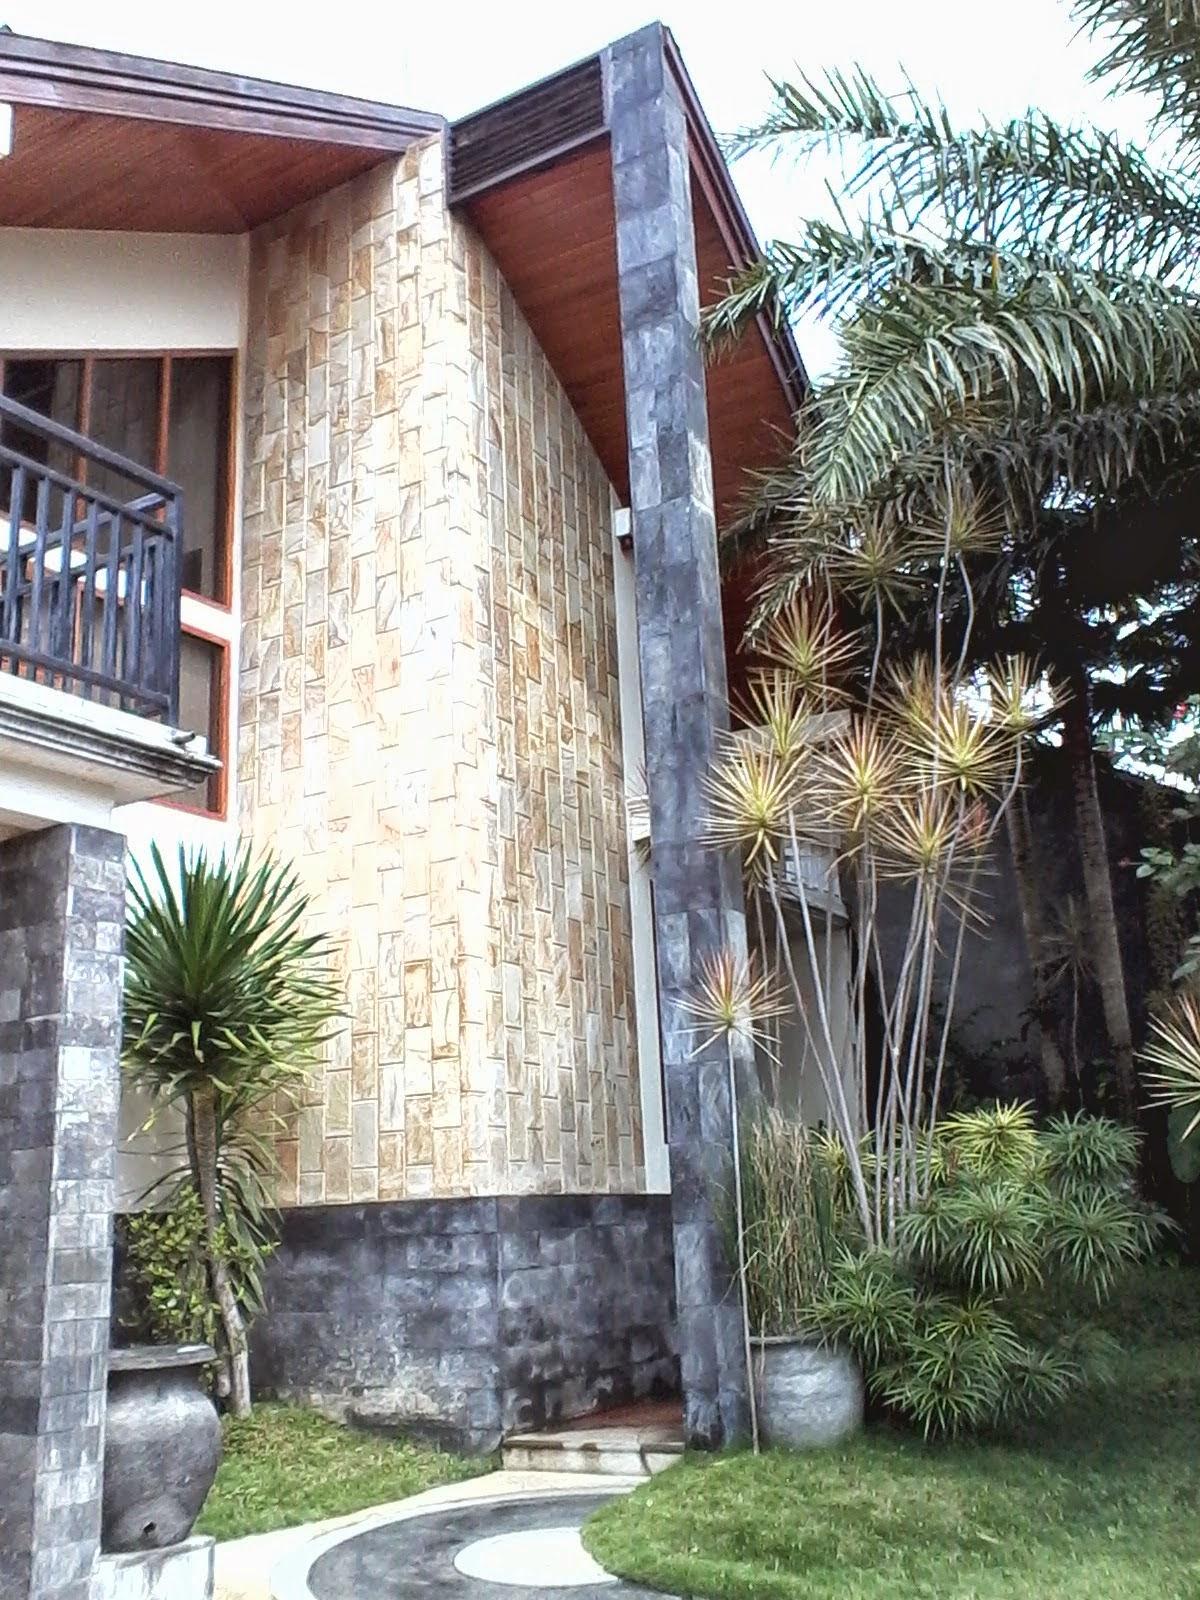 Villa Candu Fasilitas Kolam Renang Dekat Jatimpark 2 Merupakan Salah Satu Penginapan Murah Dengan Mewah Yang Ada Di Kota Wisata Batu